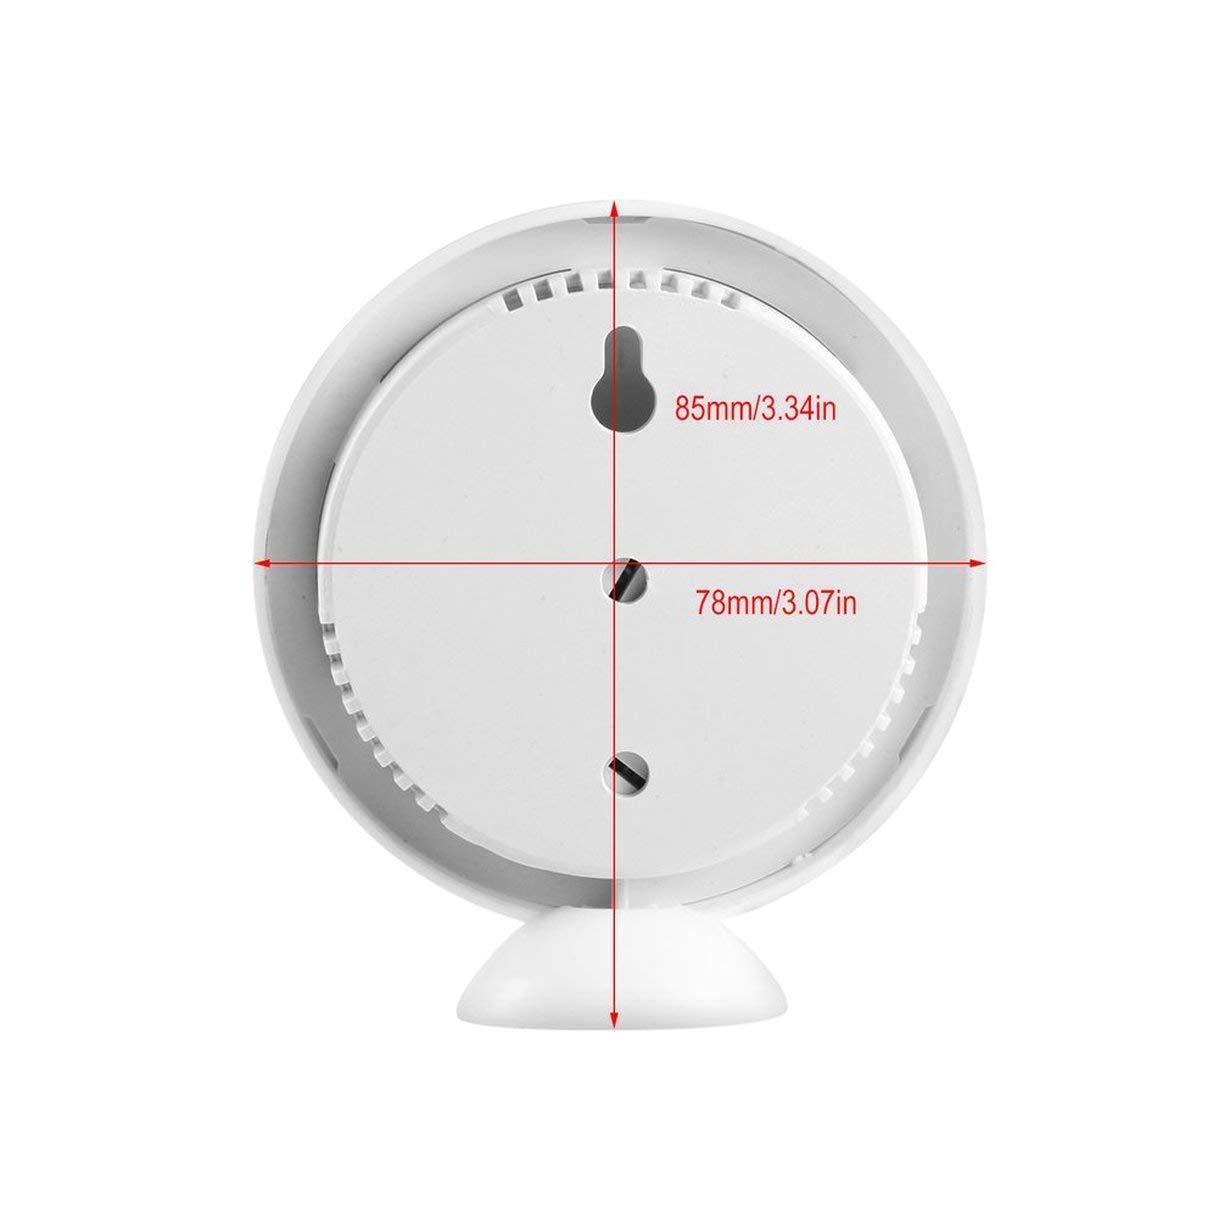 camellia Uso dom/éstico cl/ásico Interior al Aire Libre 2 en 1 Mini higr/ómetro h/úmedo preciso Term/ómetro de Humedad Medidor de Temperatura Mec/ánico Blanco